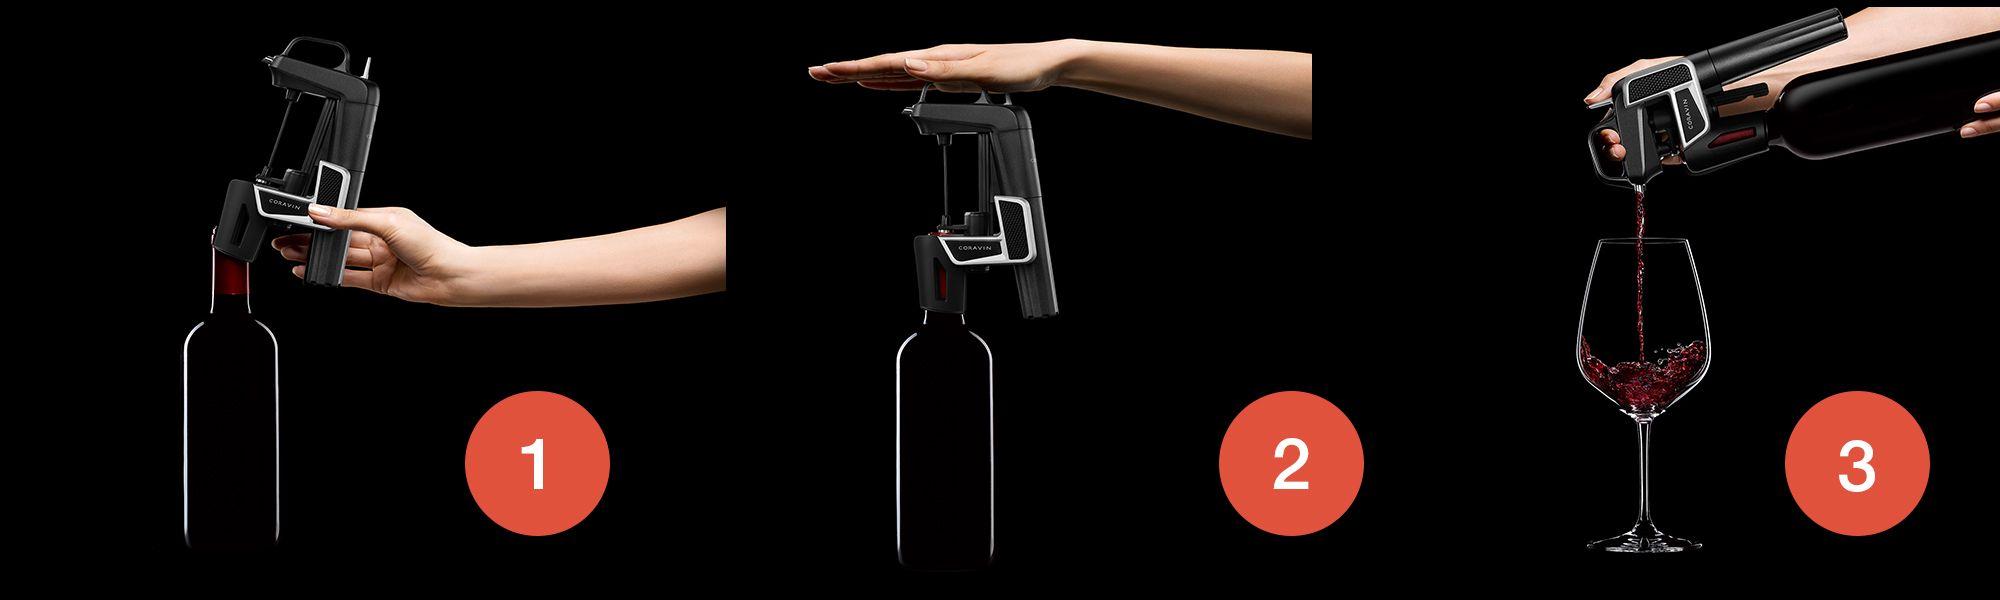 Coravin wijnsysteem Model Two